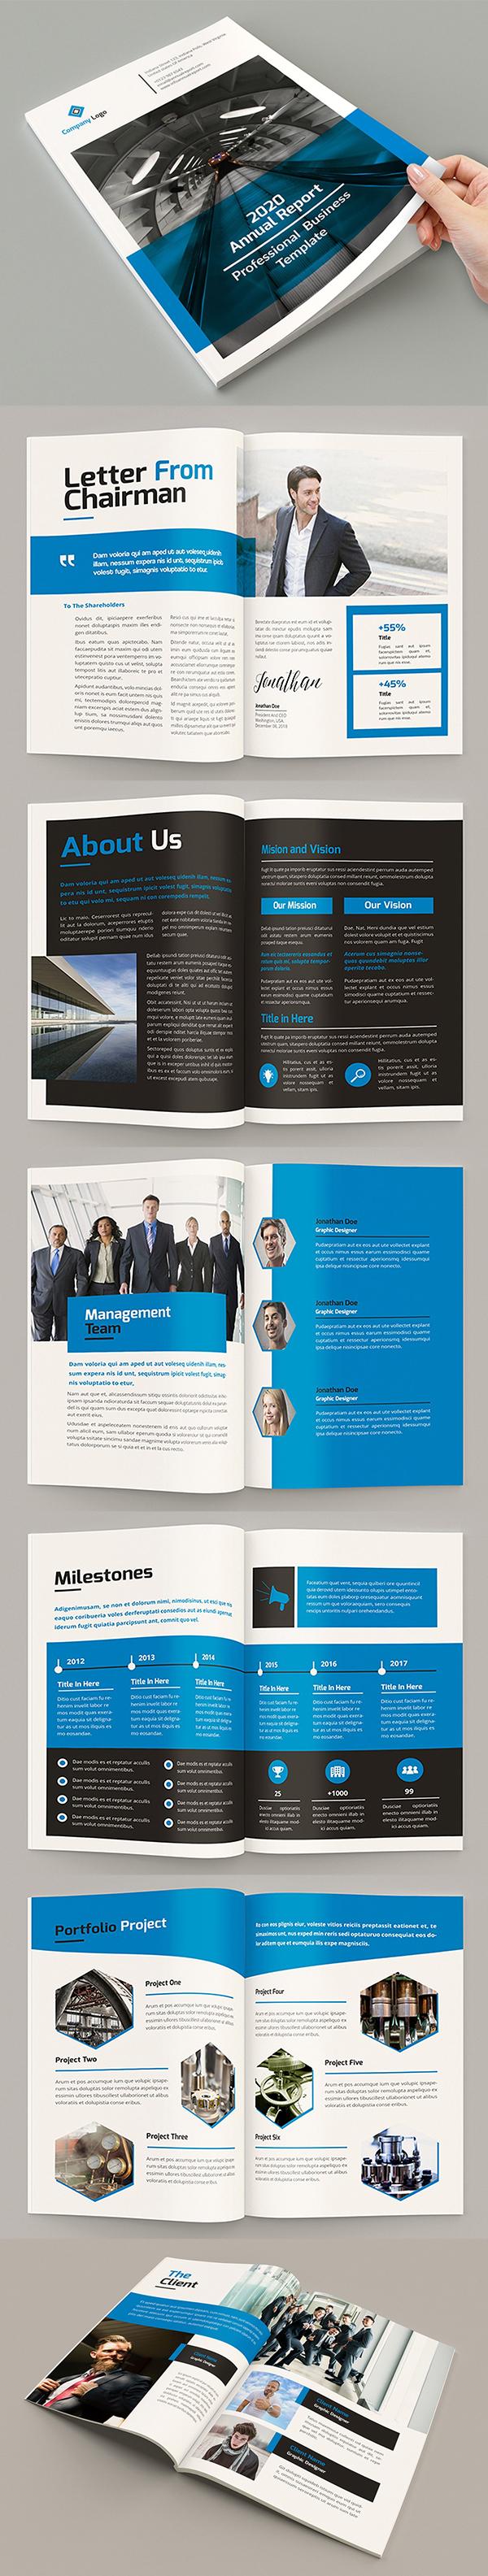 Mblandang - Annual Report Brochure